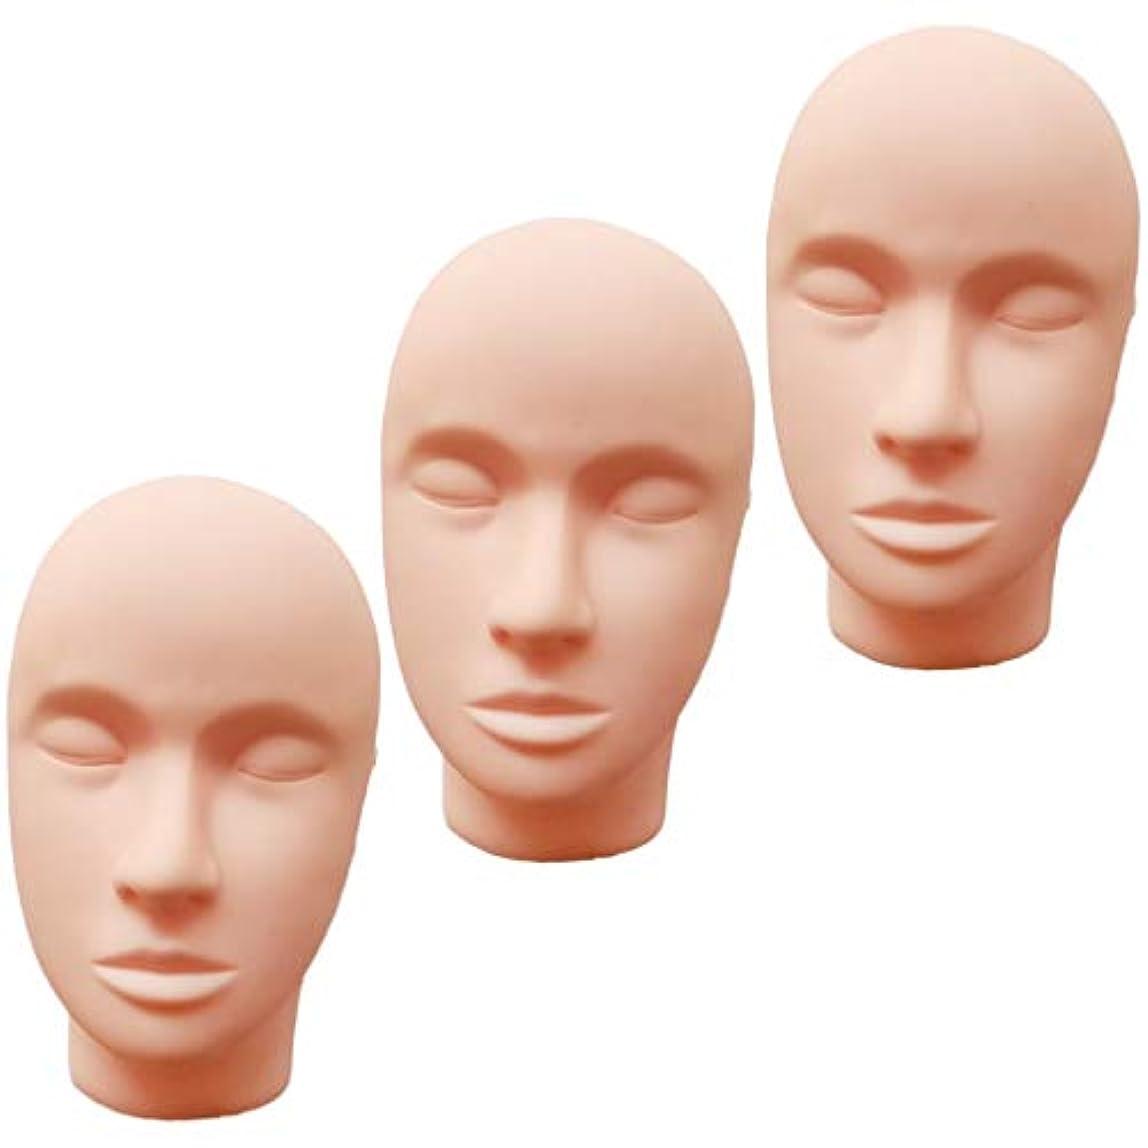 パフ結婚式工場ヘッドマネキン メイク練習用 モデル 化粧 フェイス メイクアップ まつげエクステ 繰り返し利用